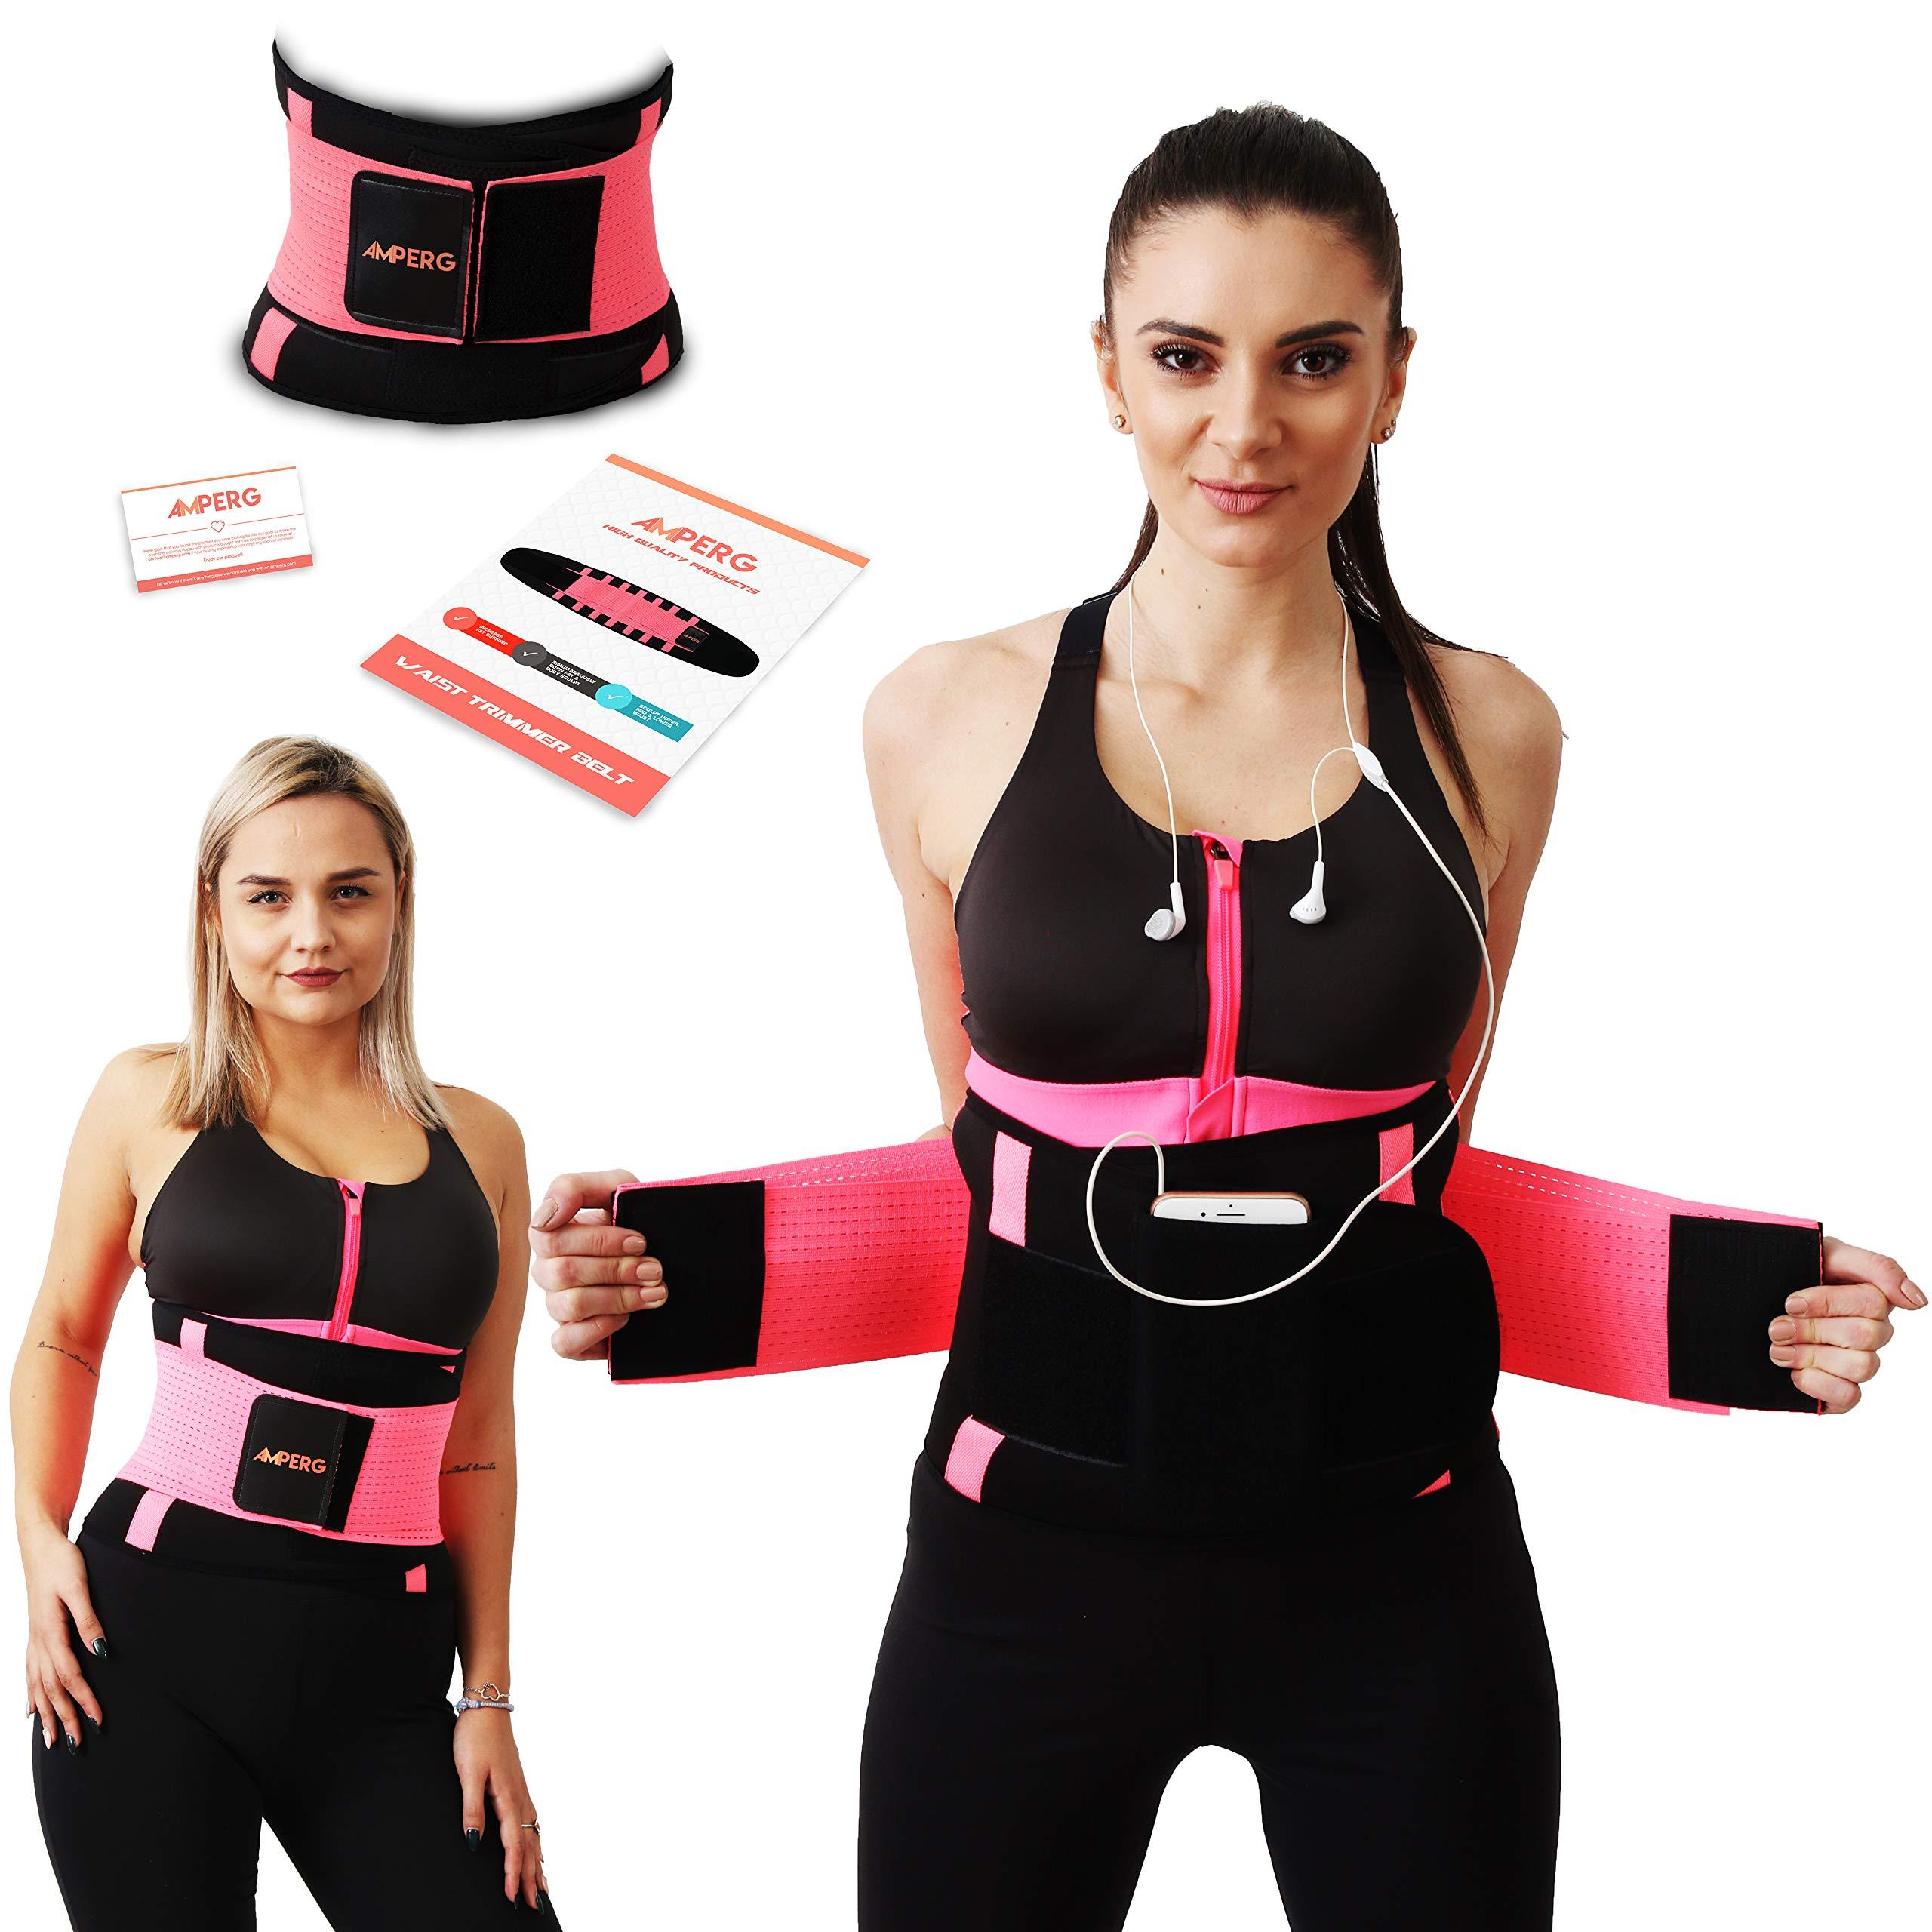 AMPERG Waist Trimmer Belt for Women - Size XL - Waist Trainer with Phone Pouch - Premium Neoprene